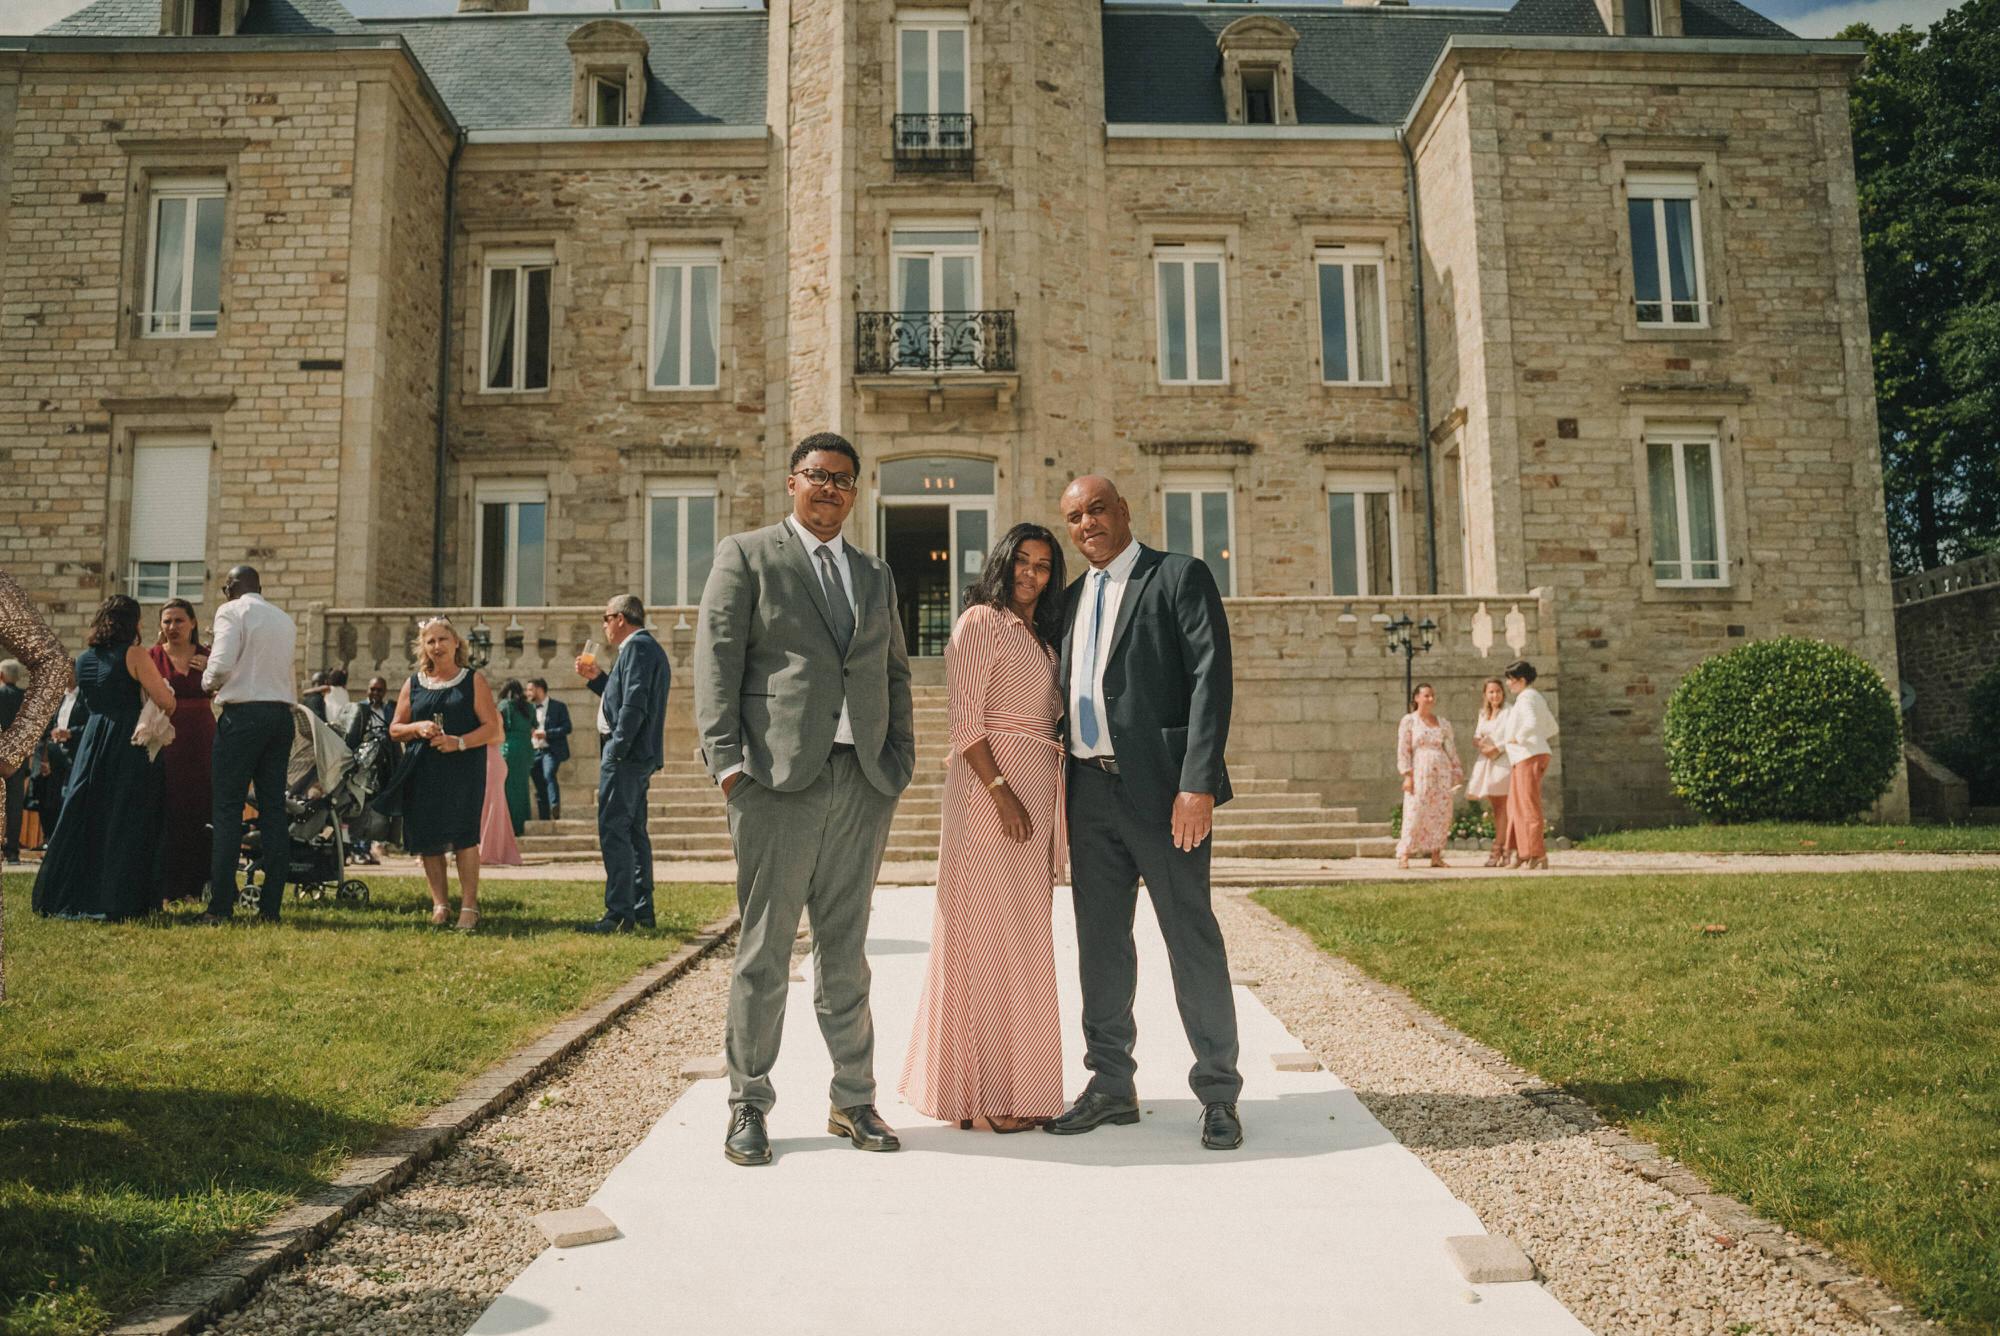 Photo De Mariage Au Manoir De Kerhuel A Plouneour Lanvern De Perle Danilson Par Antoine Borzeix 636, Photographe & Videaste à Brest / Finistère